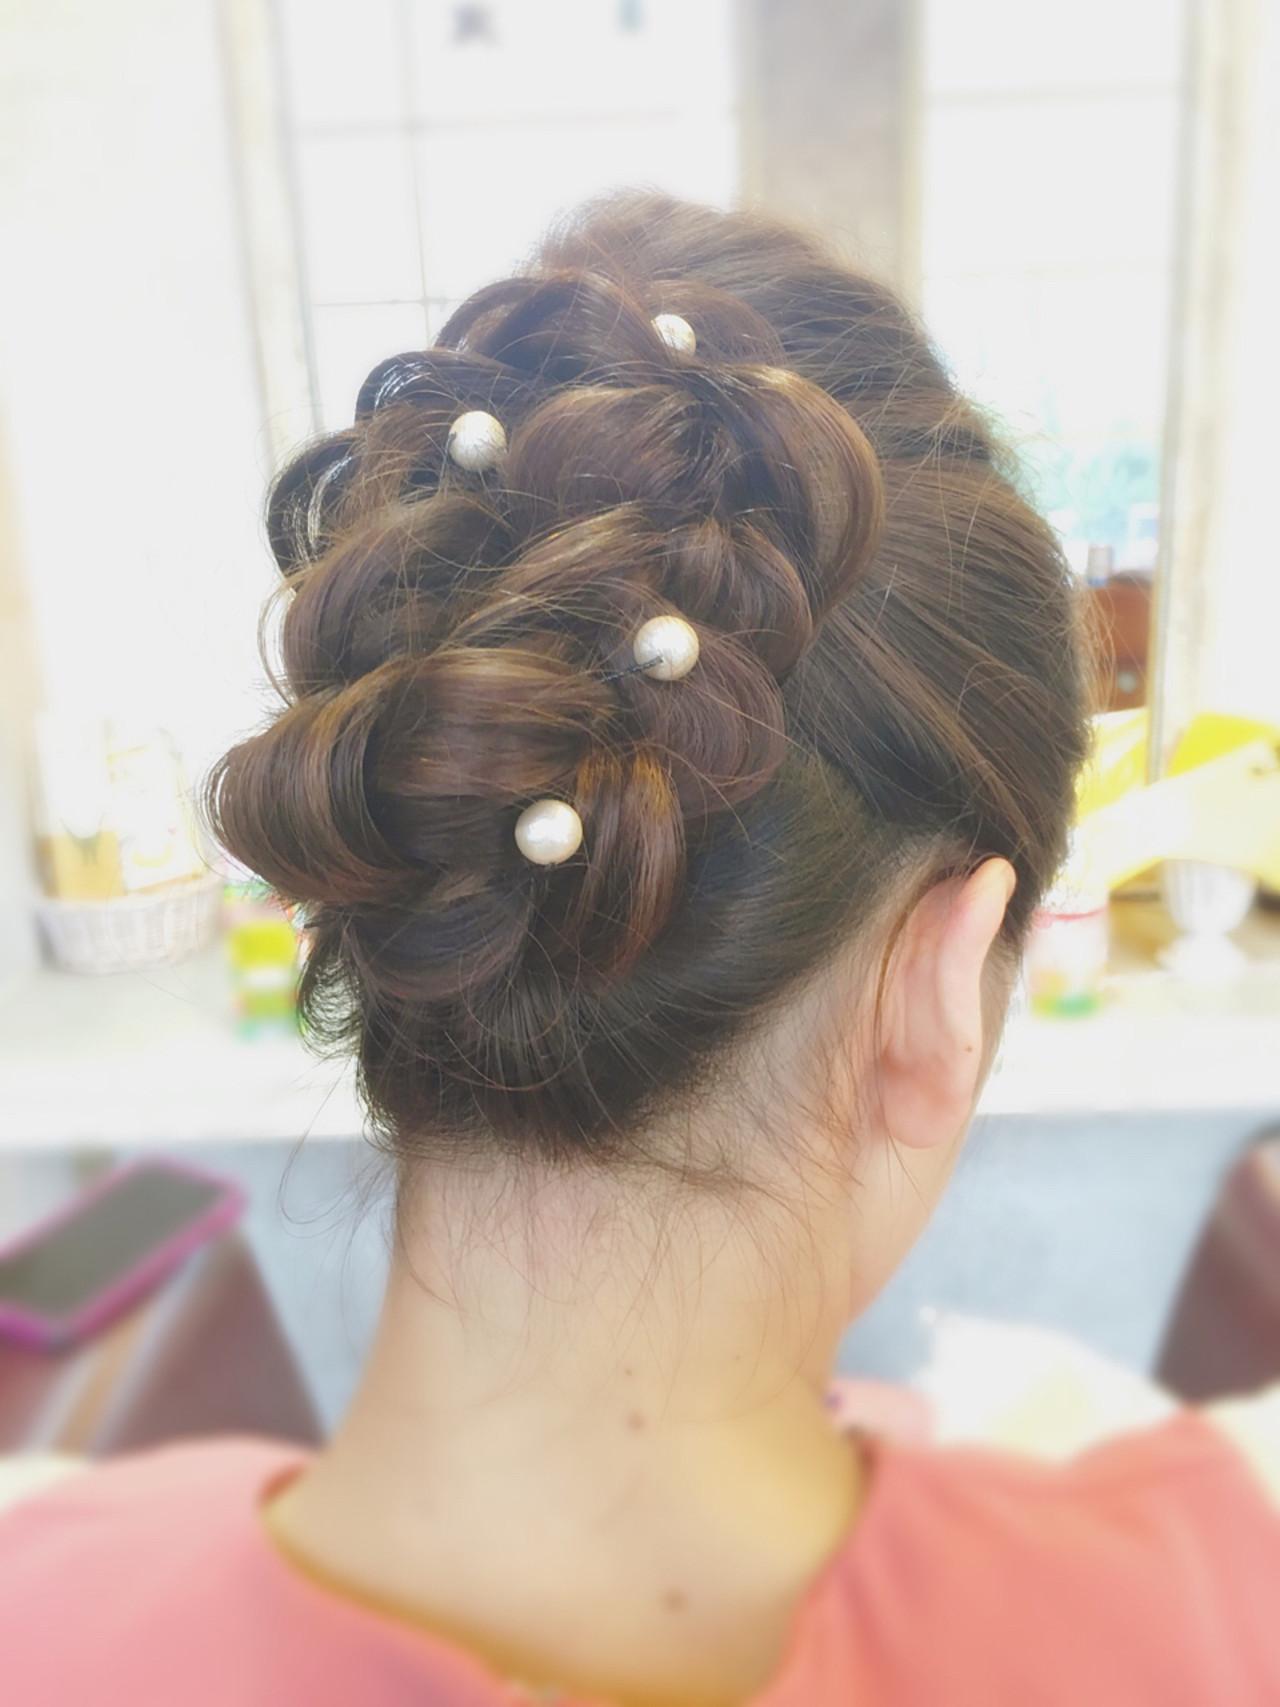 簡単ショートヘアアレンジはバリエ無限大♡短い髪でもデキる! さかい/ CUE−TICE.①トップの髪はポンパドール風にアップします②サイドの髪をまとめます(短い場合はねじり×ピンで)③襟足の毛束もアップにします。このときピンは見えてもOK④つけ毛を三つ編みにして、くるっとバランスを整えます⑤ピンでつけ毛をとめます。先ほど3で見えていたピンはここで隠れます⑥ヘアアクセで仕上げますすっきりした襟足は和装によく合いますよね。ショートヘアでもアップスタイルをあきらめないで。短い毛もすこしずつねじって止めればアップにできますし、パートを分けてアップにすれば崩れにくく仕上がります。